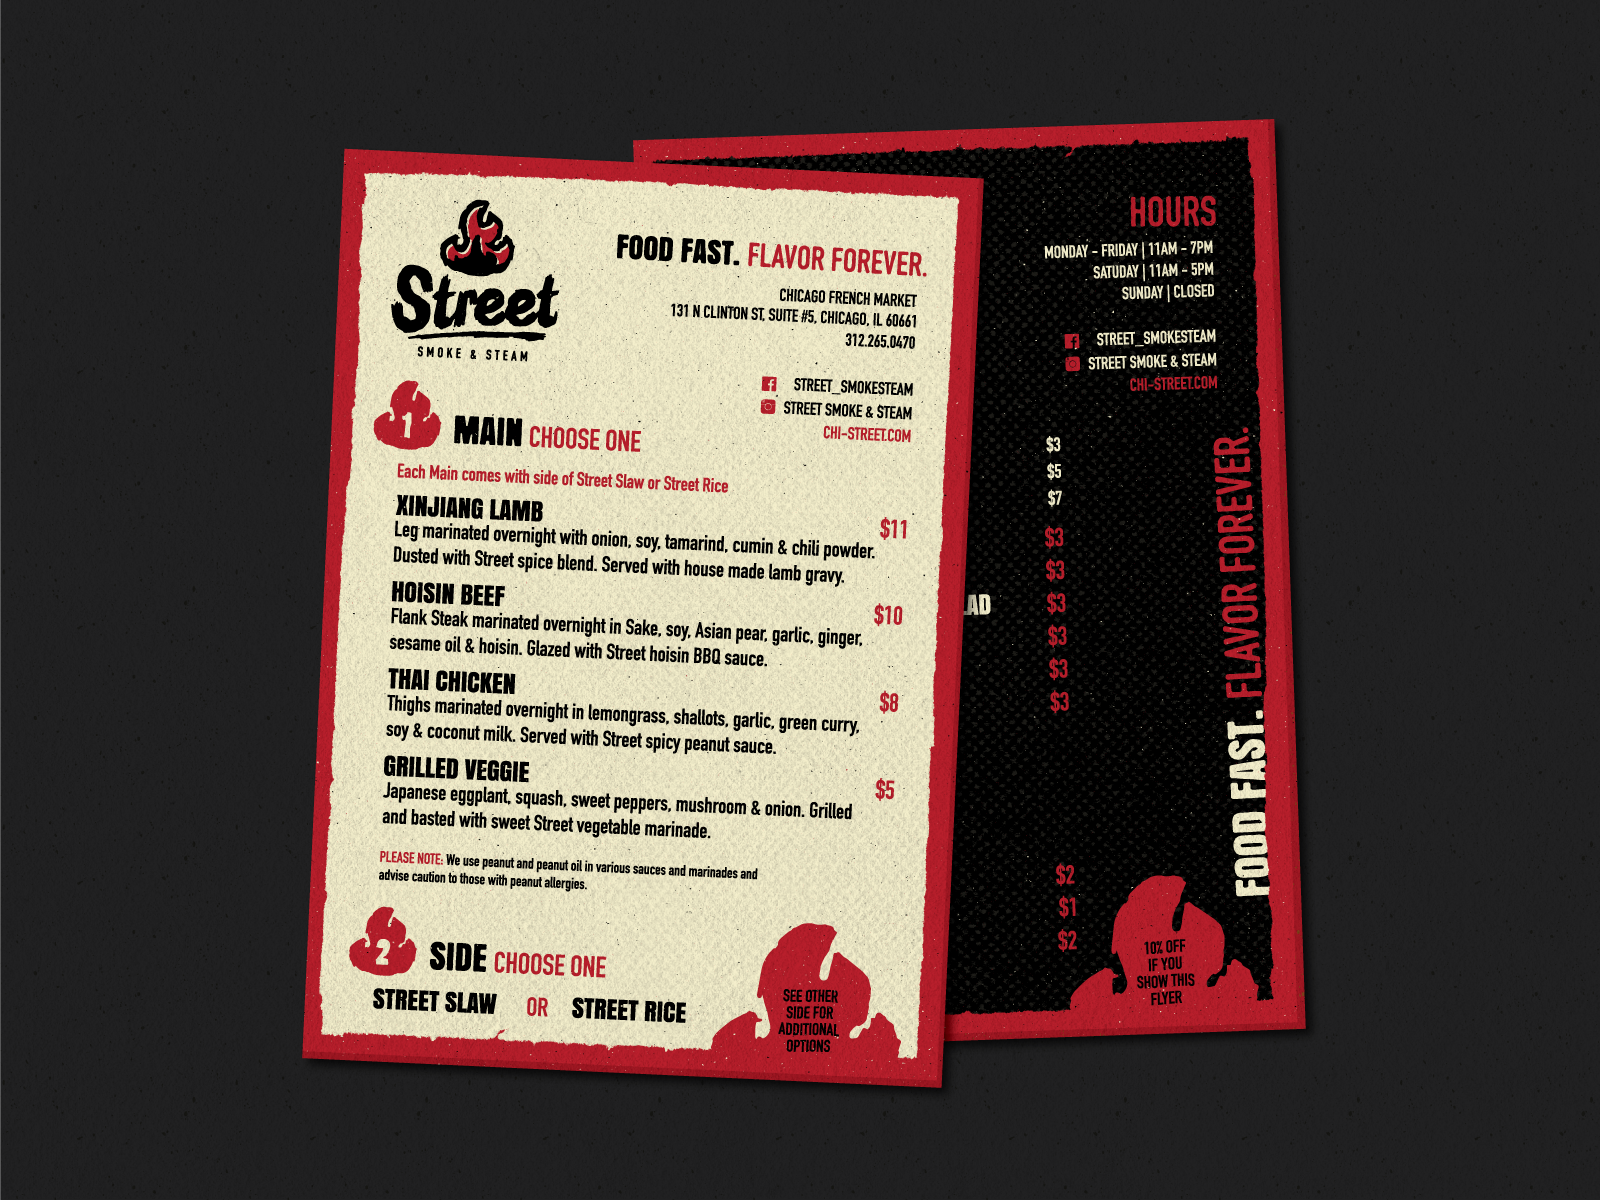 STREET_MENU_PREVIEW_1.png